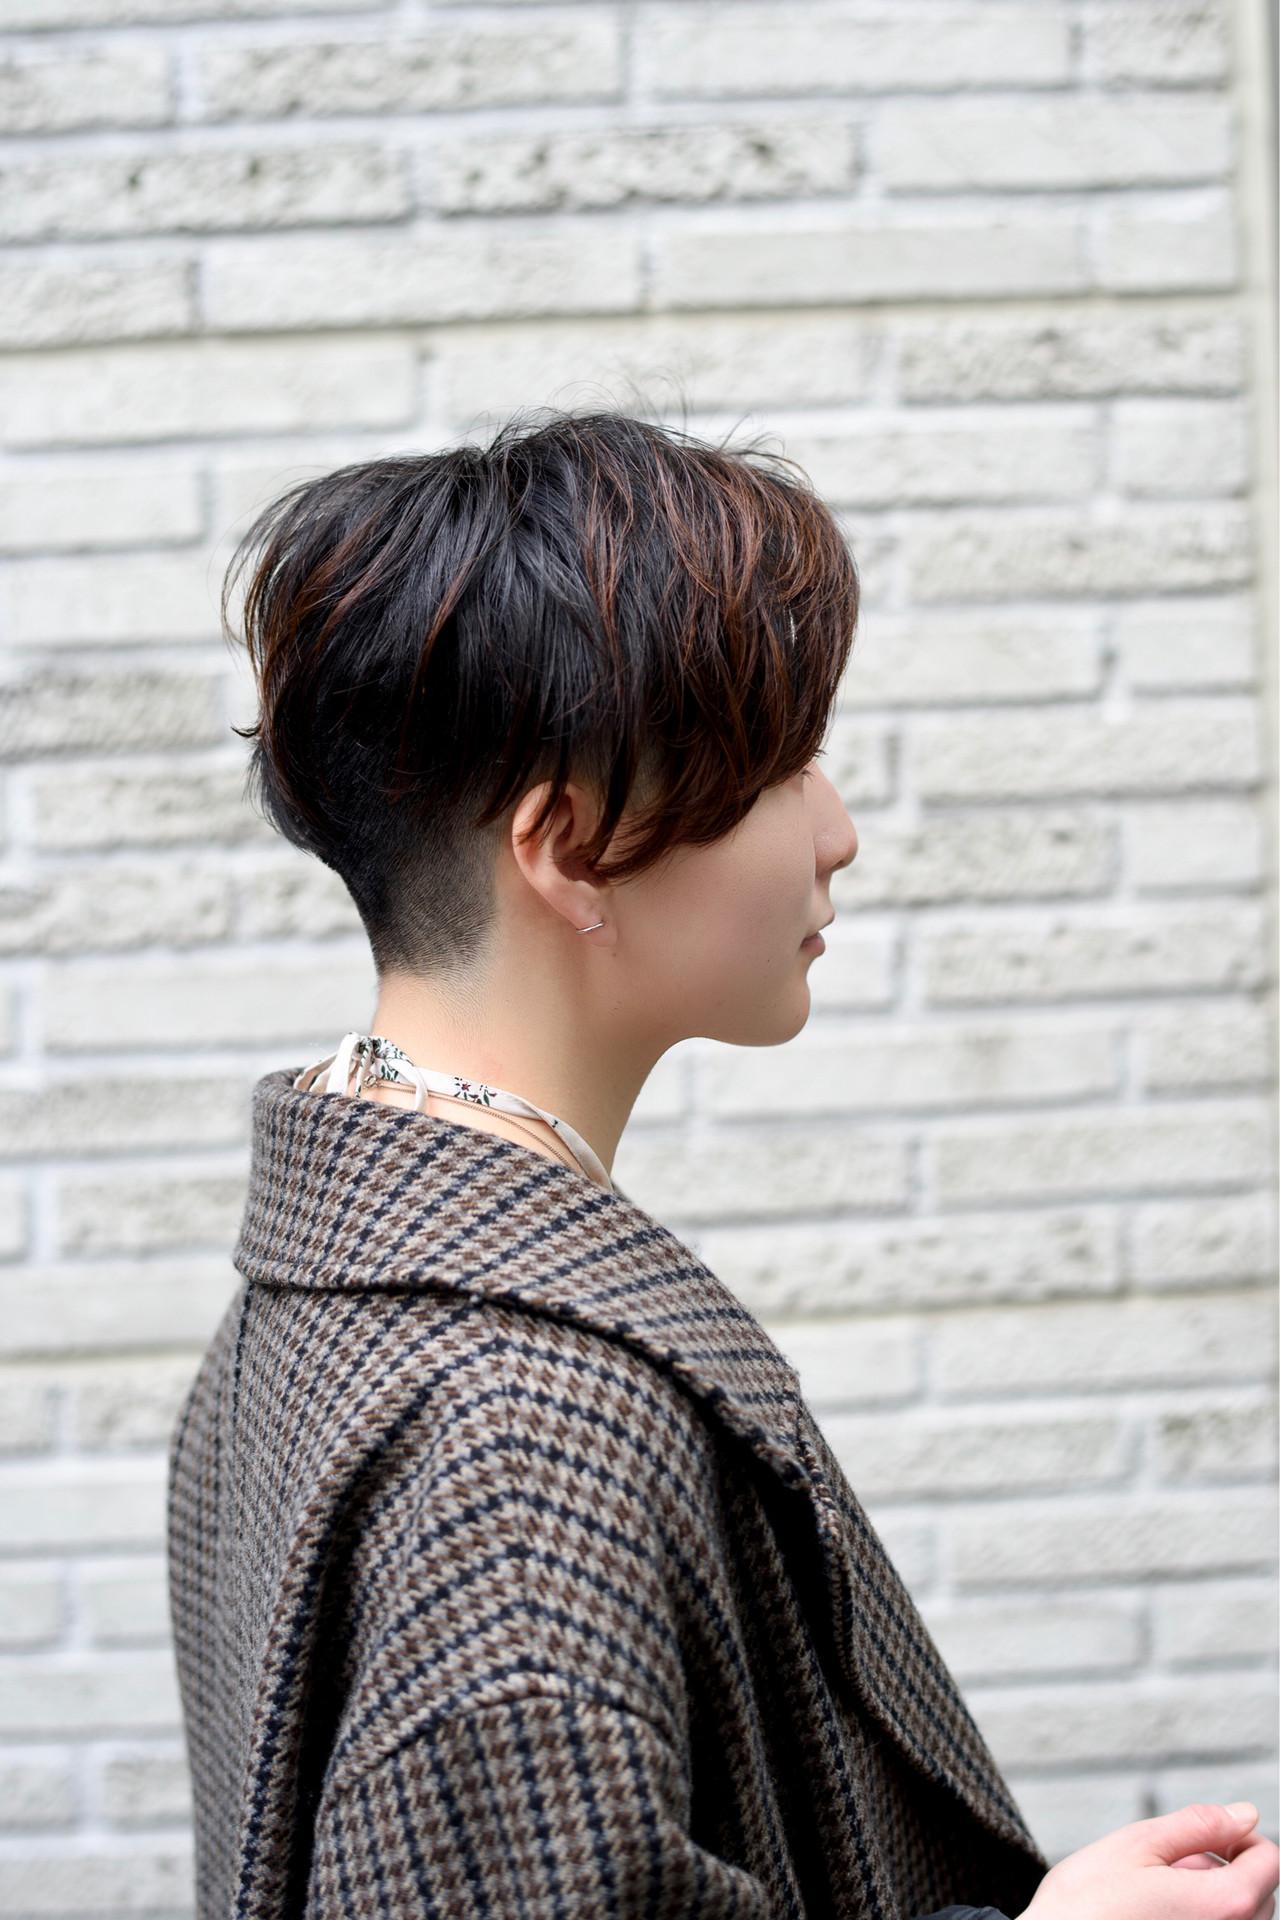 ツーブロック ショート 外国人風 モード ヘアスタイルや髪型の写真・画像